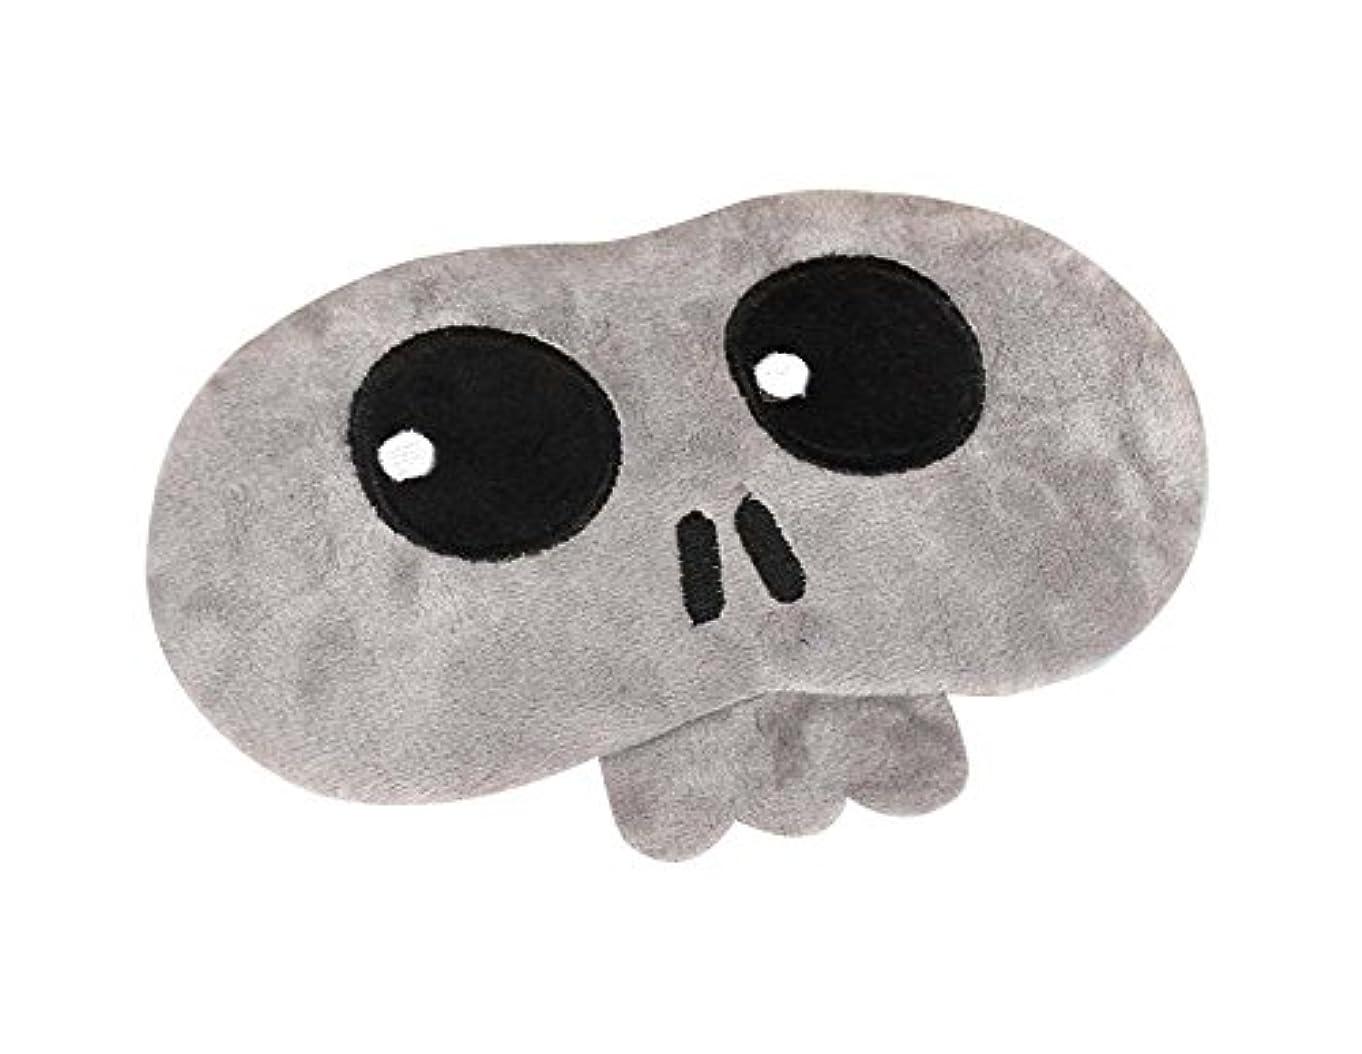 豊富に歩く繰り返し灰色の頭蓋骨の睡眠の目のマスク快適な目のカバー通気性のアイシェイド